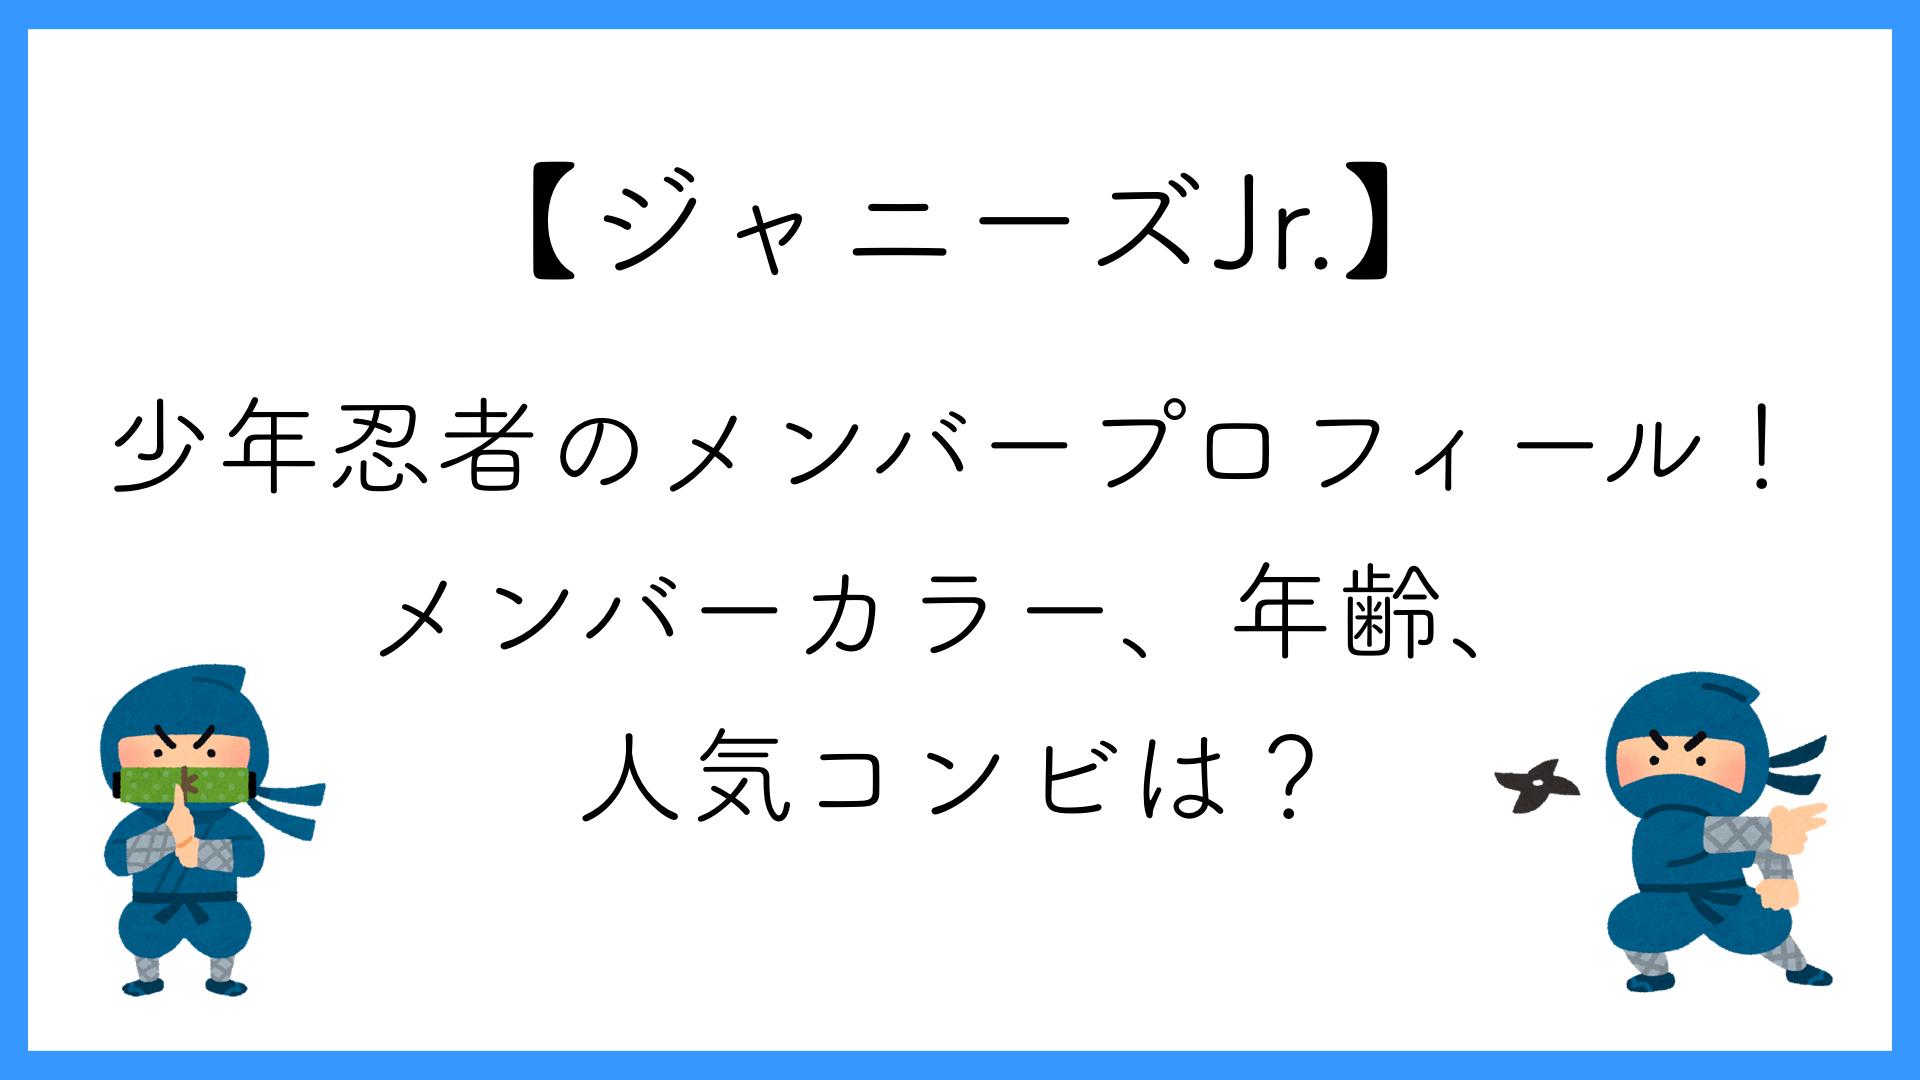 【ジャニーズJr.】少年忍者メンバープロフィール!メンバーカラー、年齢、人気コンビは?